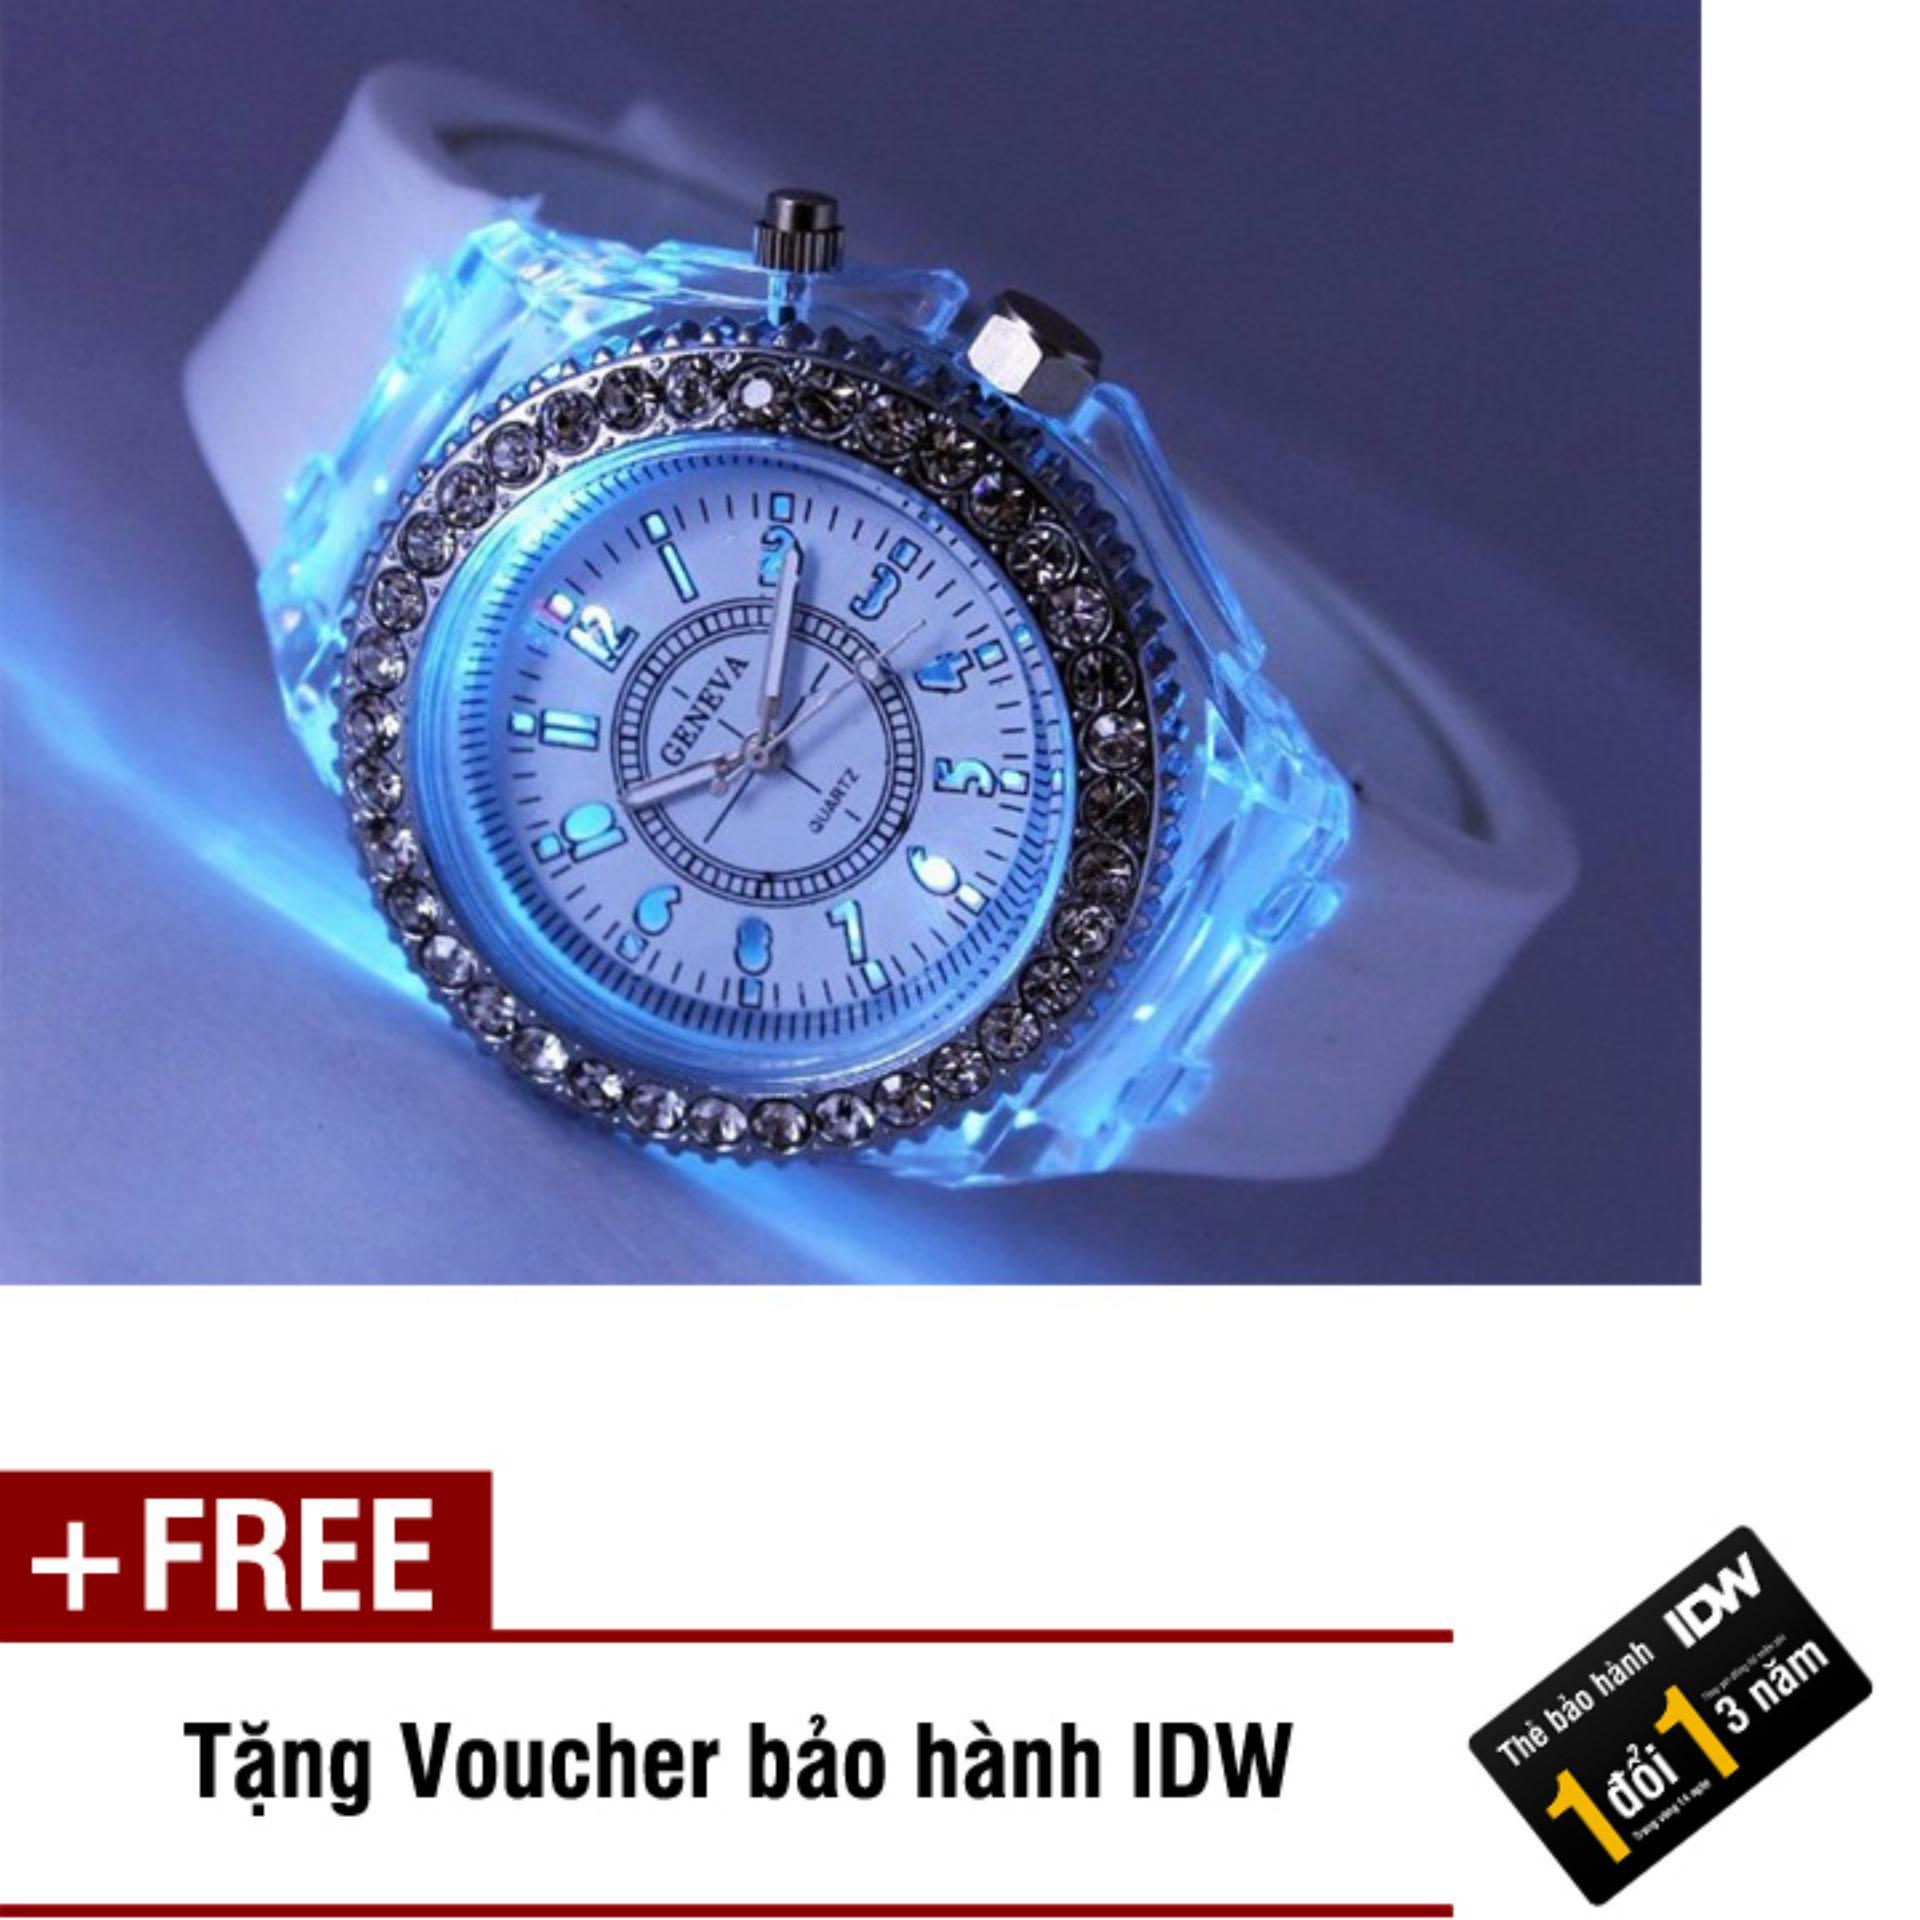 Đồng hồ nam phát sáng size 4cm dây silicon thời trang Geneva IDW 0452 (Dây trắng) + Tặng kèm voucher bảo hành IDW